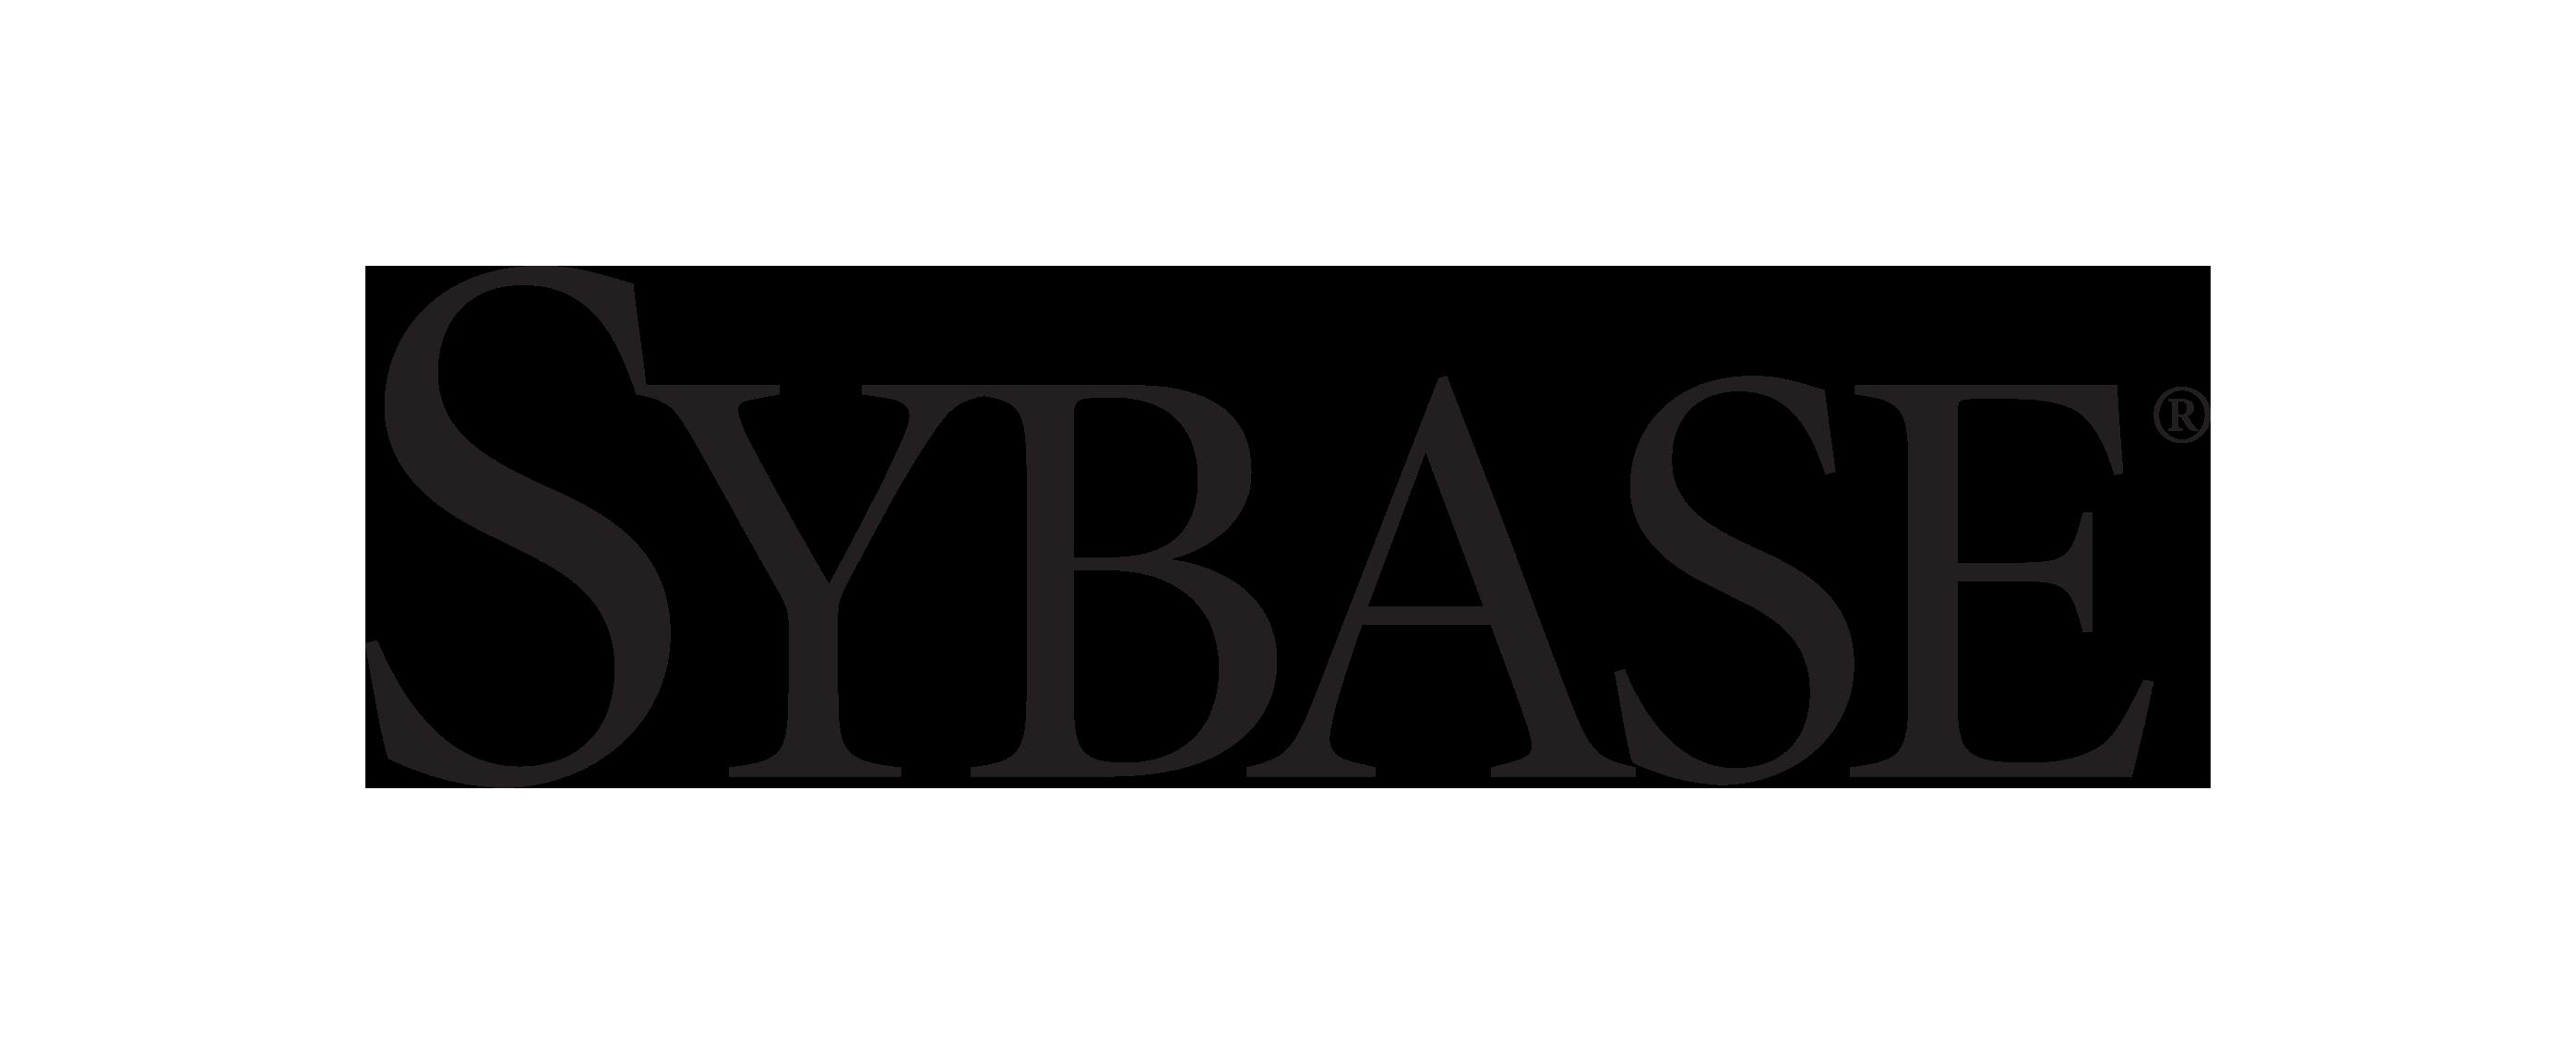 Sybase_logo_